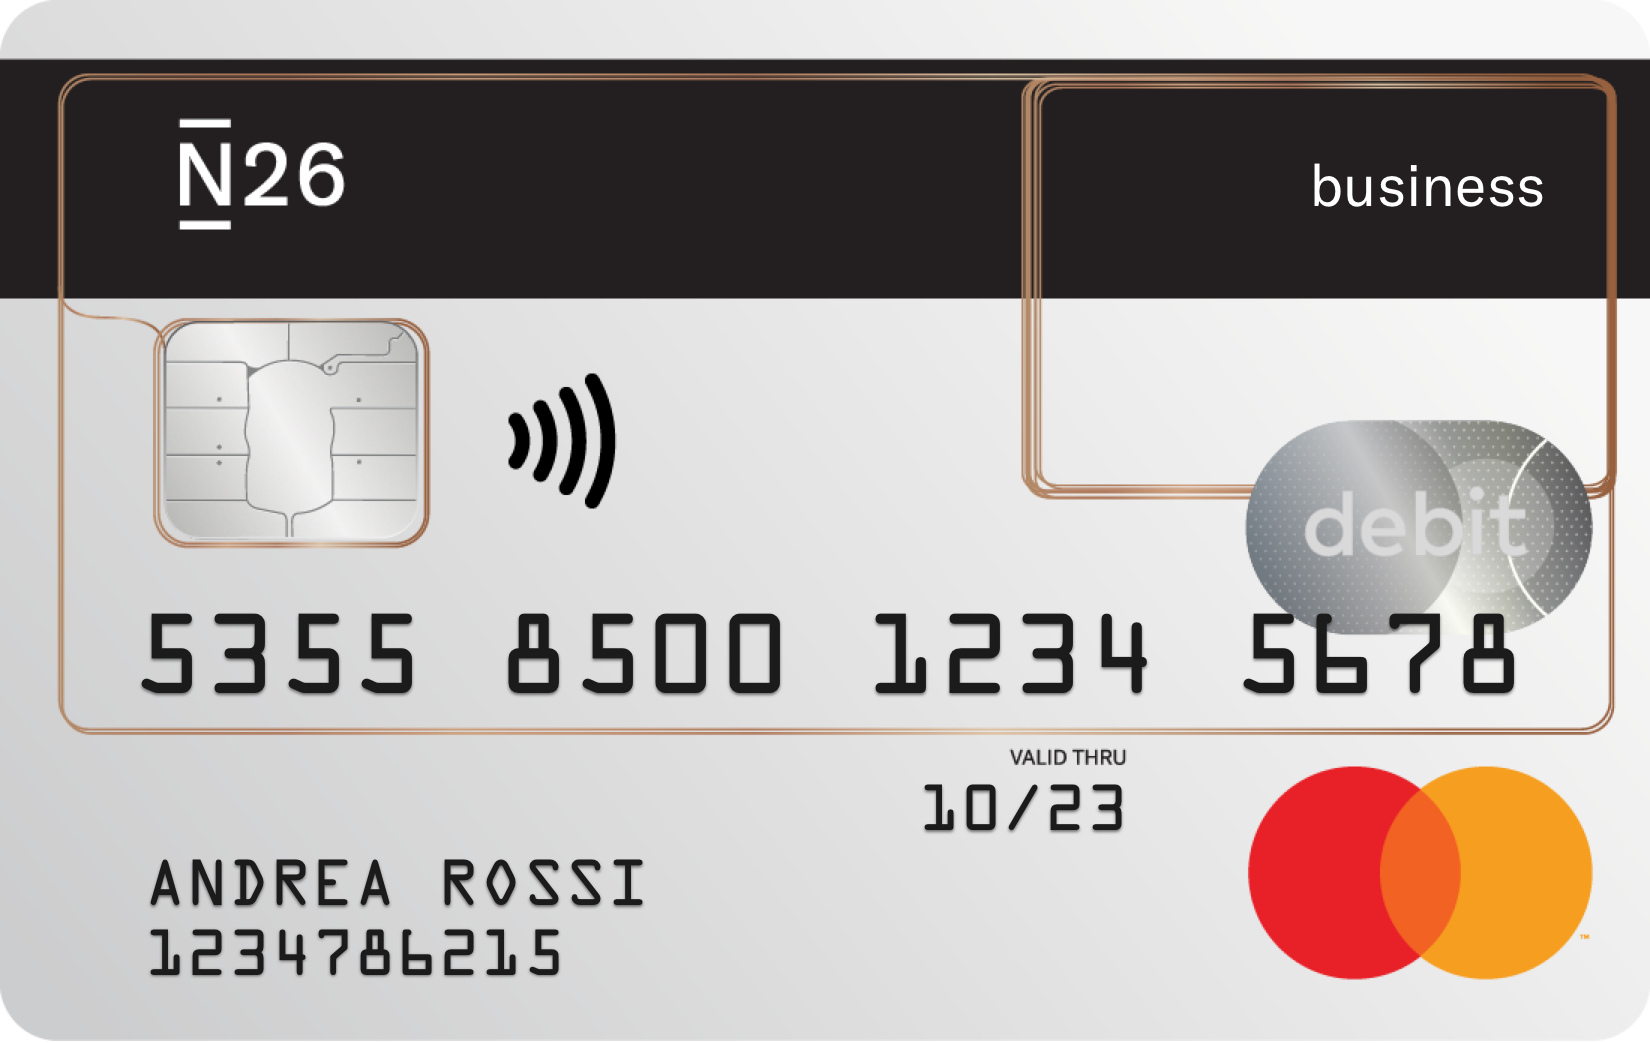 N26 Business - La carta conto prepagata per i freelance